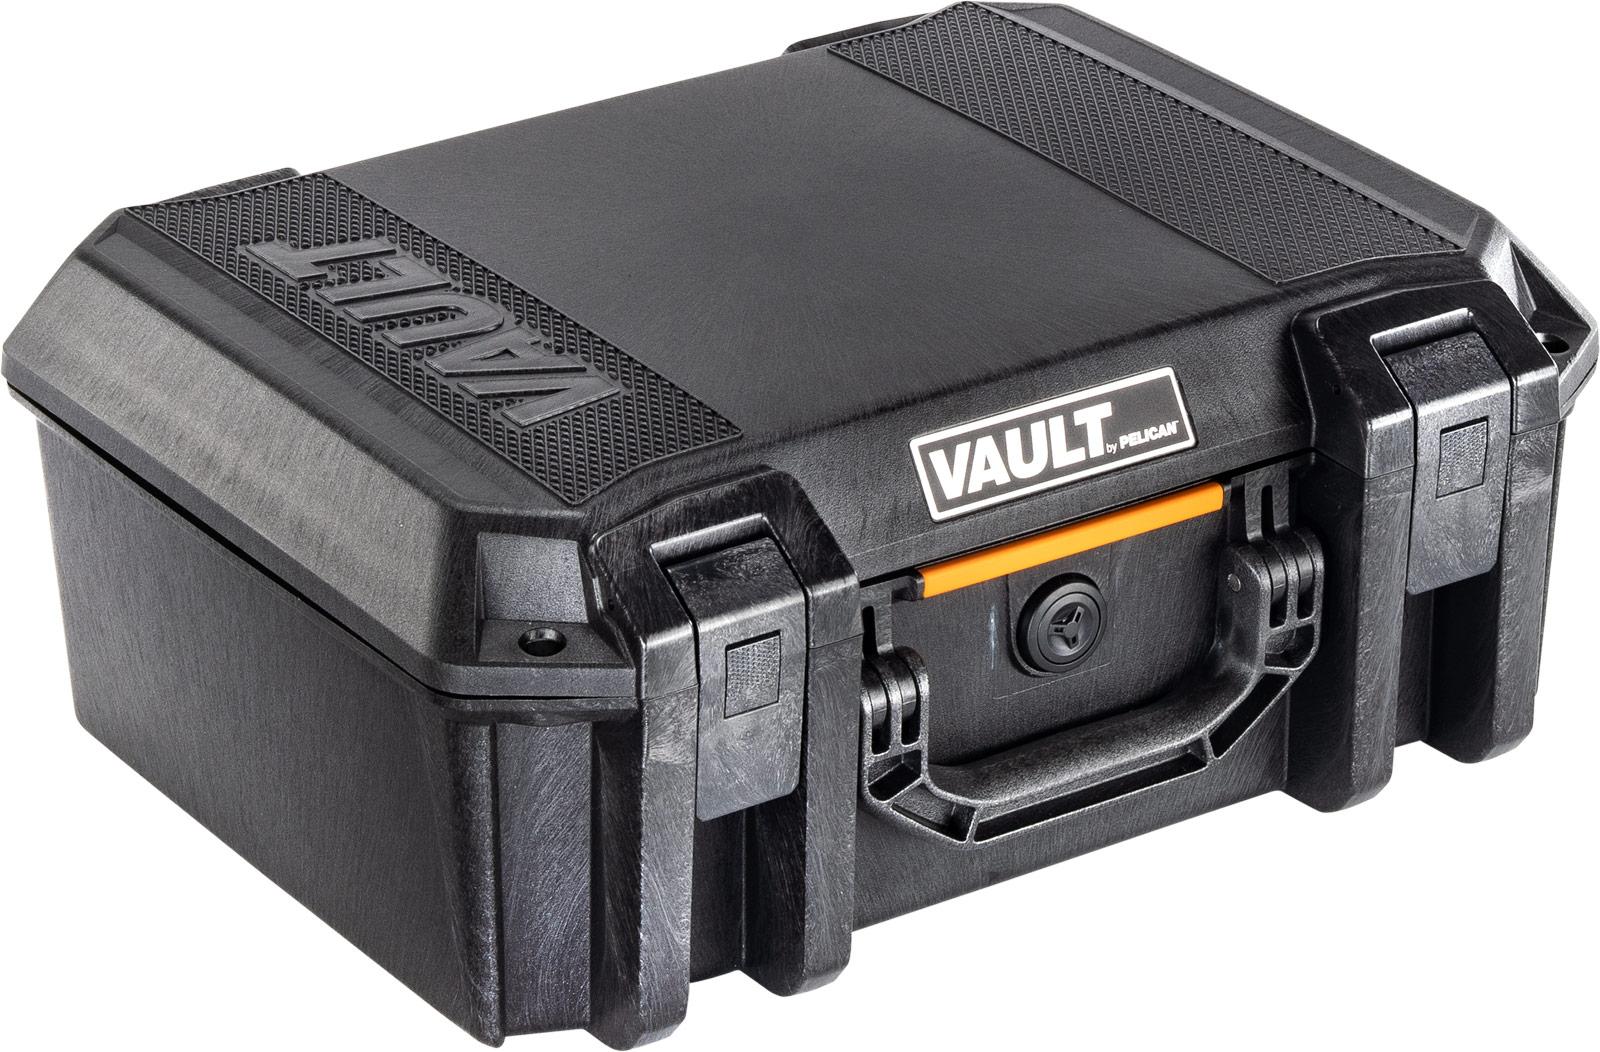 pelican vault v300 tough camera case